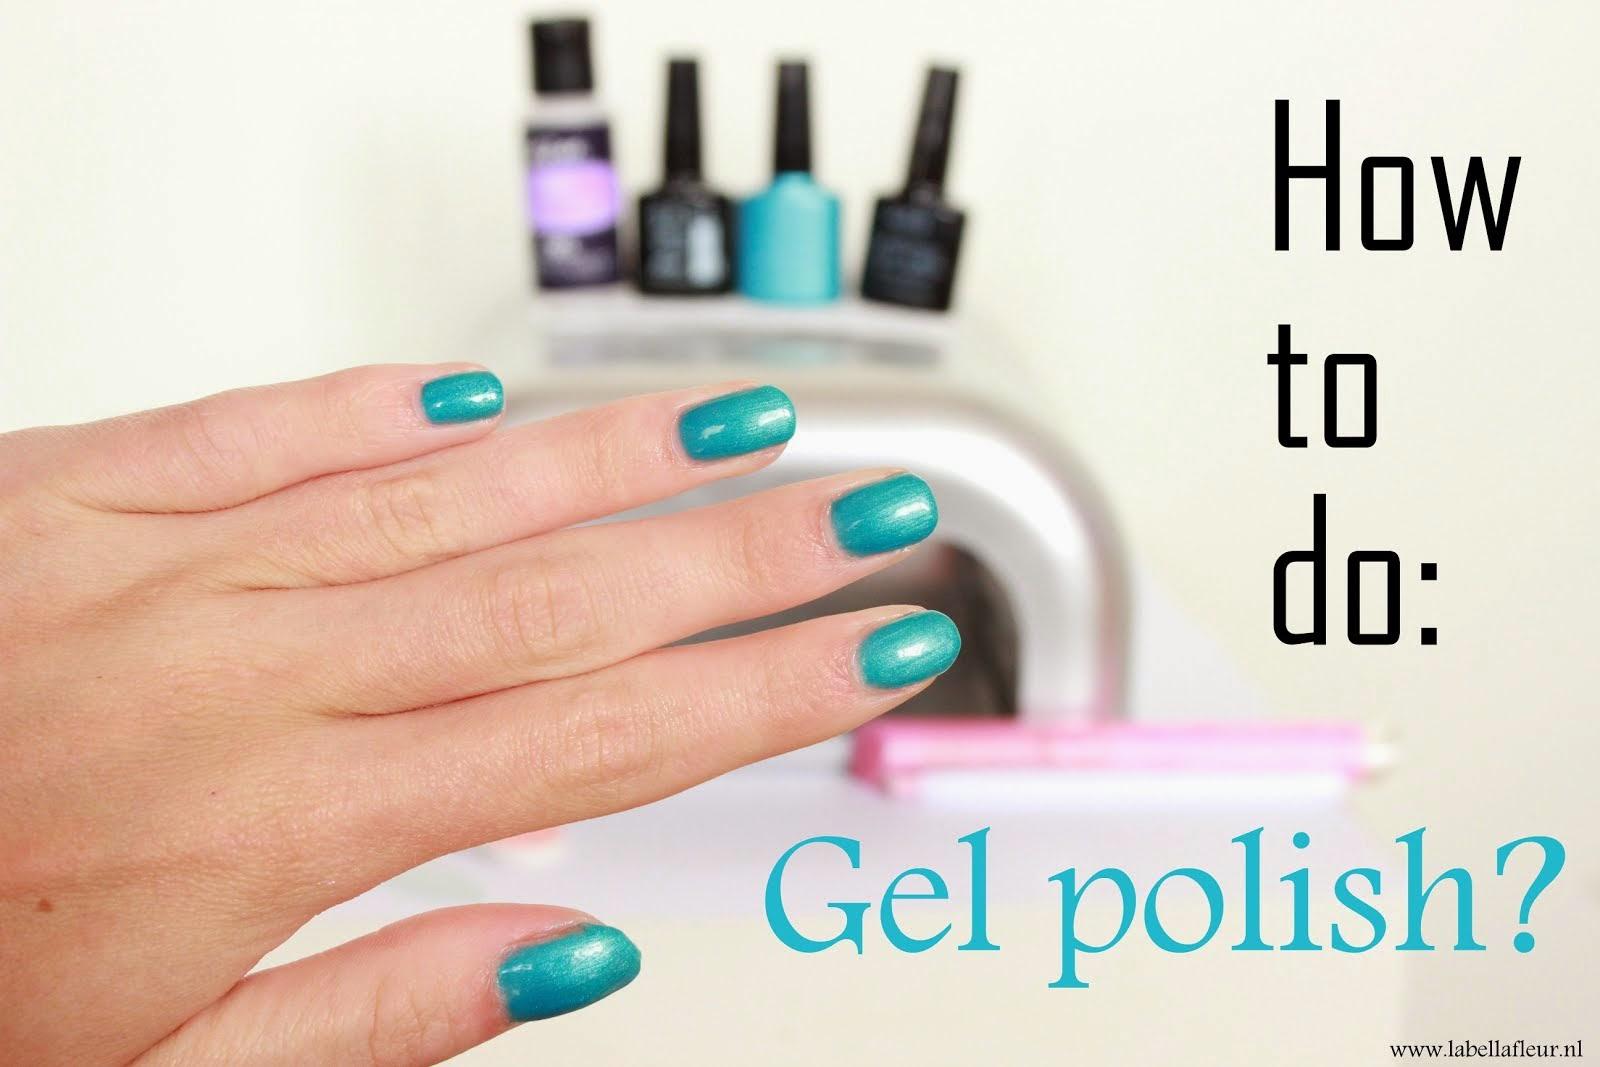 Gel polish: